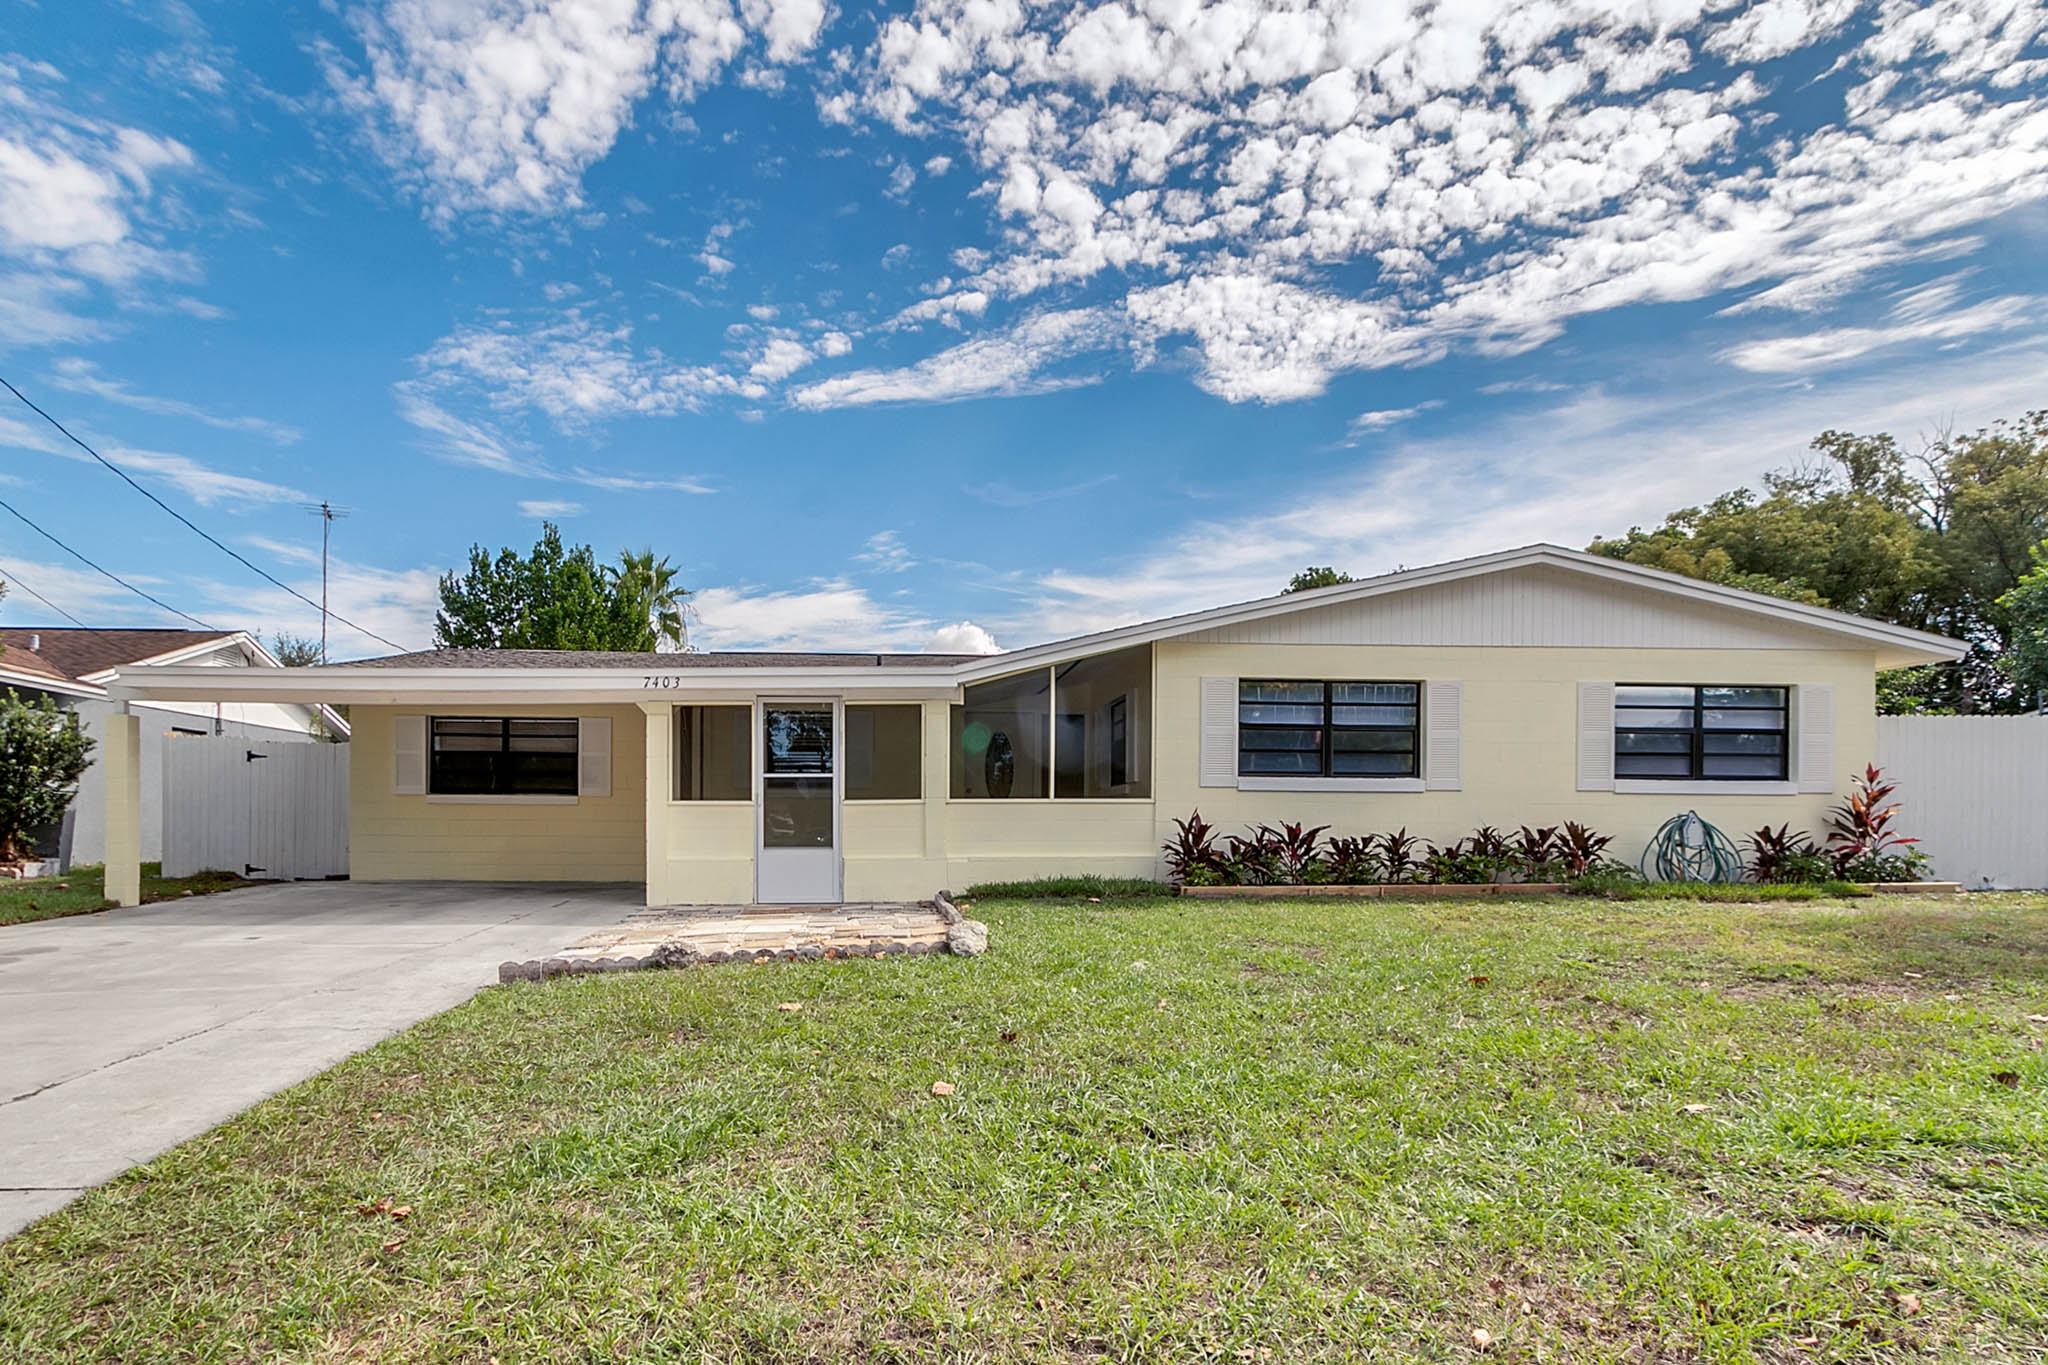 7403-Brockbank-Dr--Orlando--FL-32809---01---.jpg